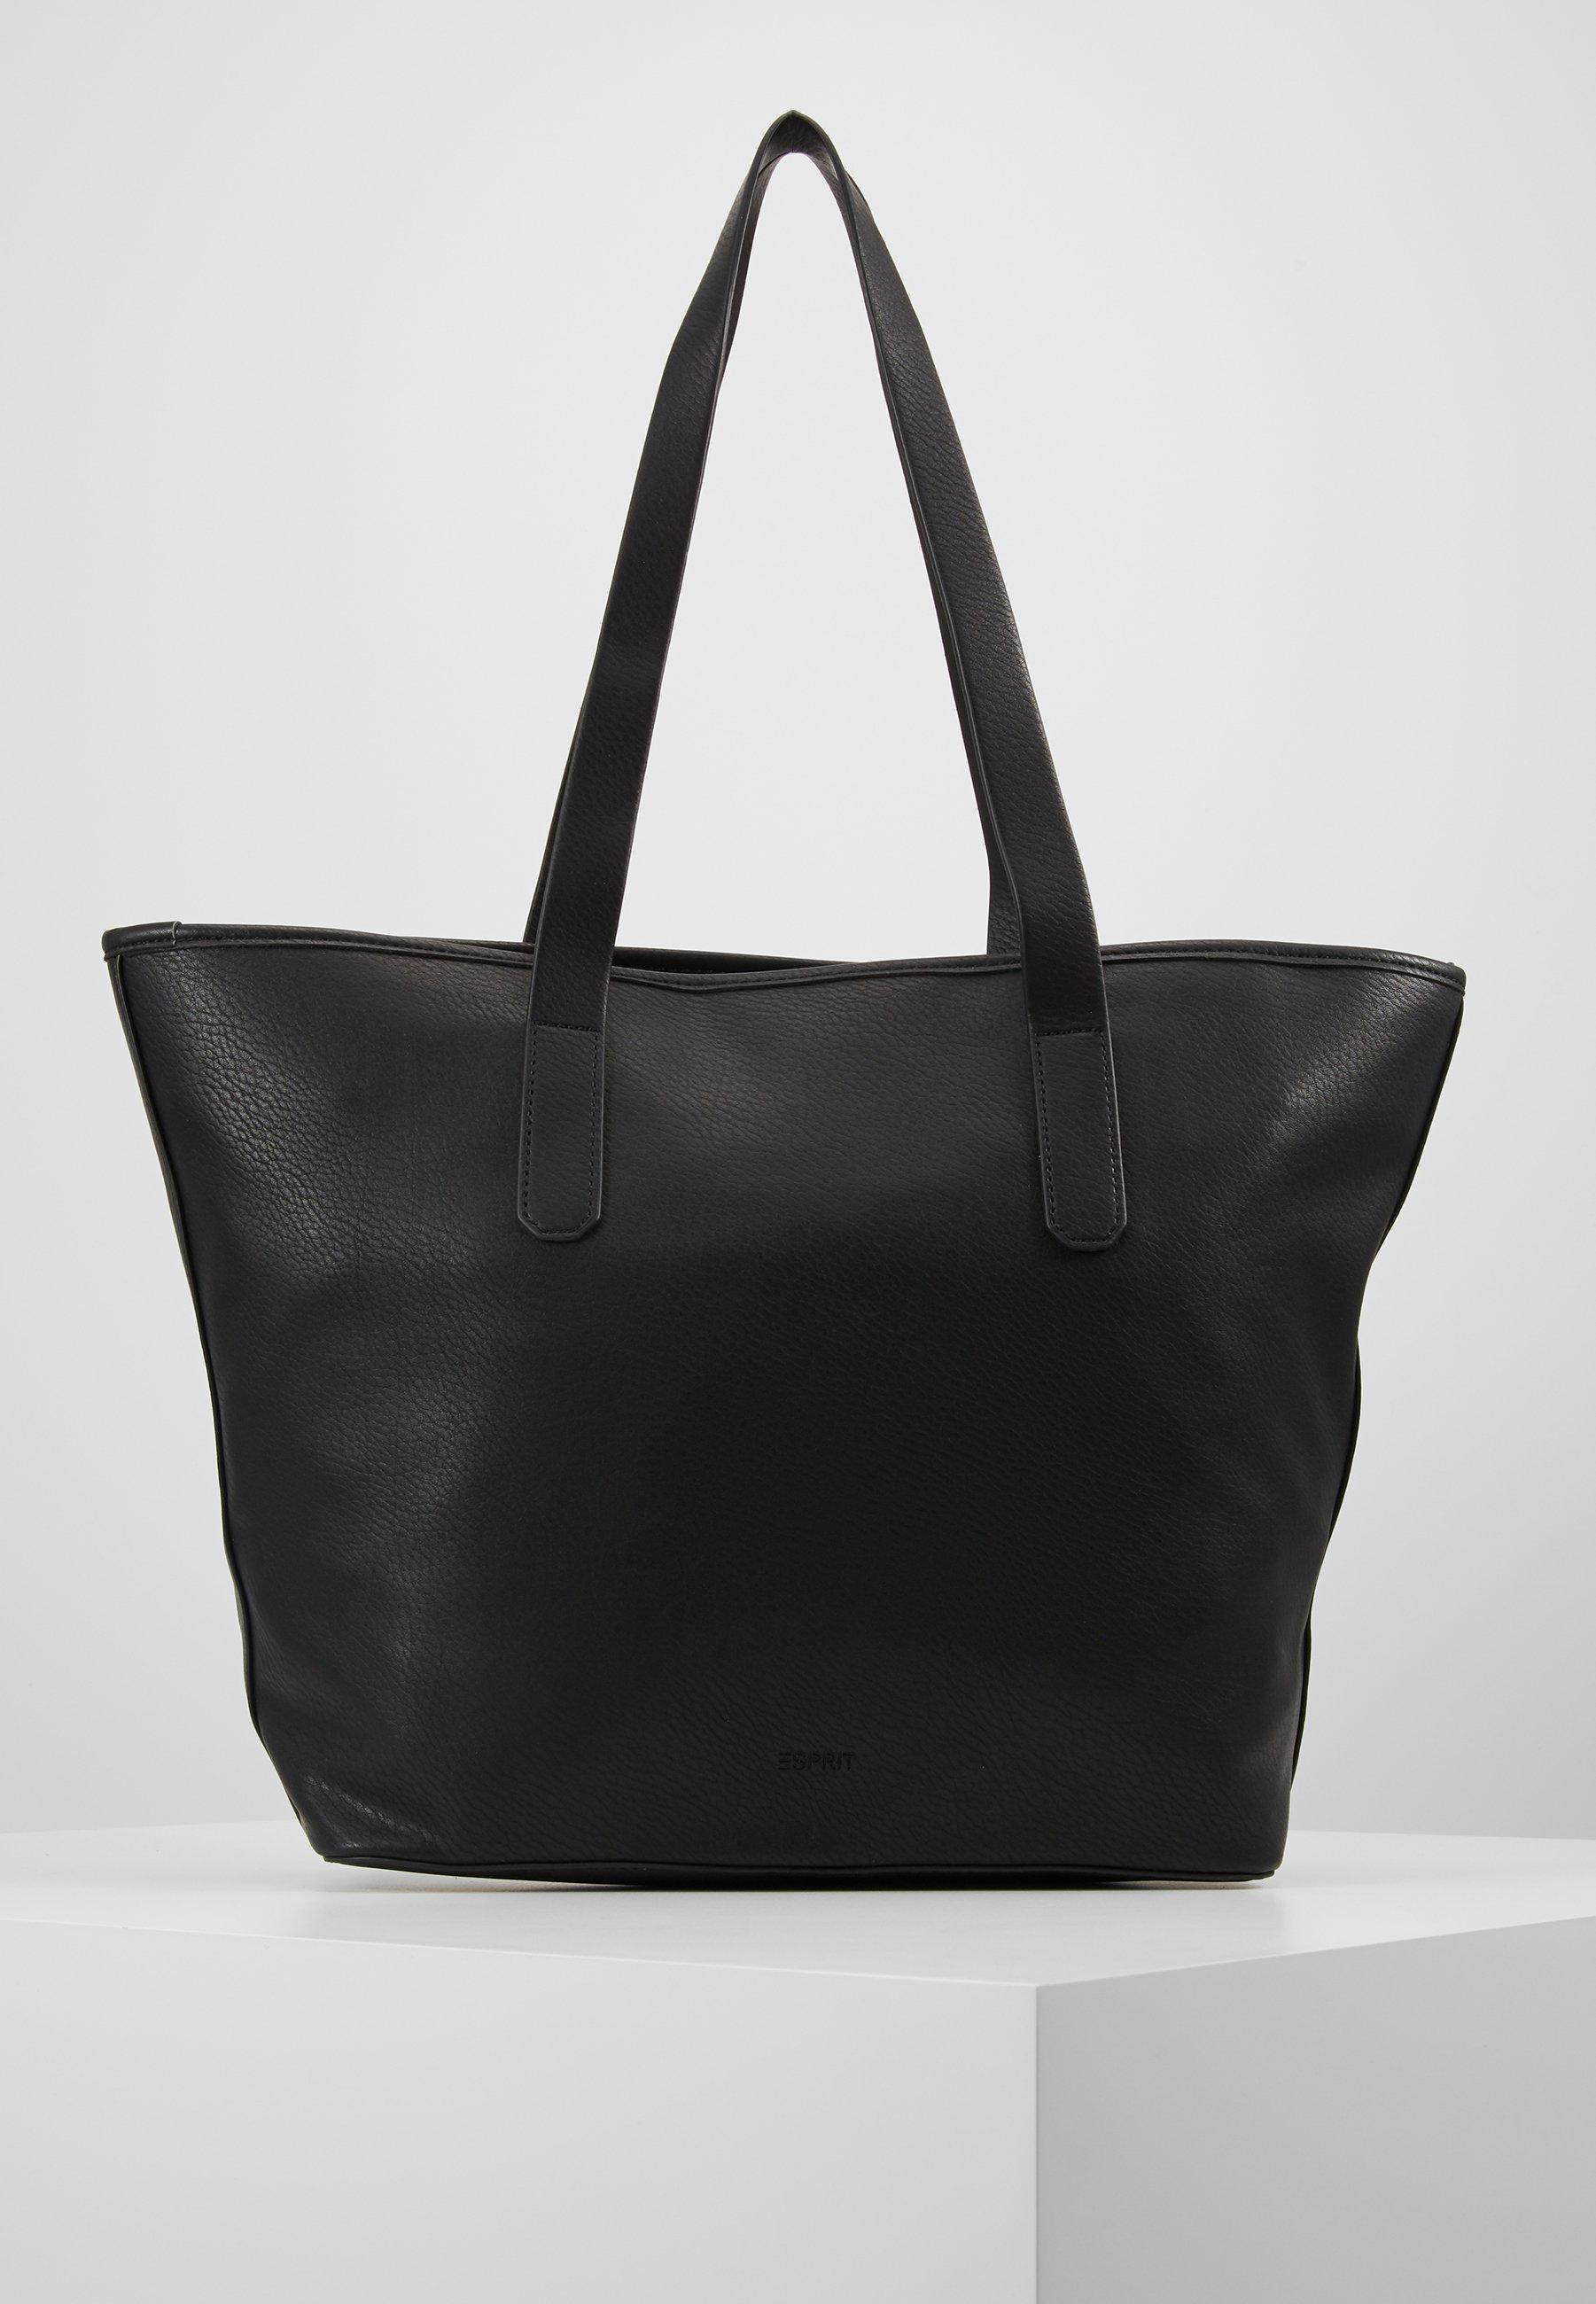 Esprit Handtasche - Black/schwarz